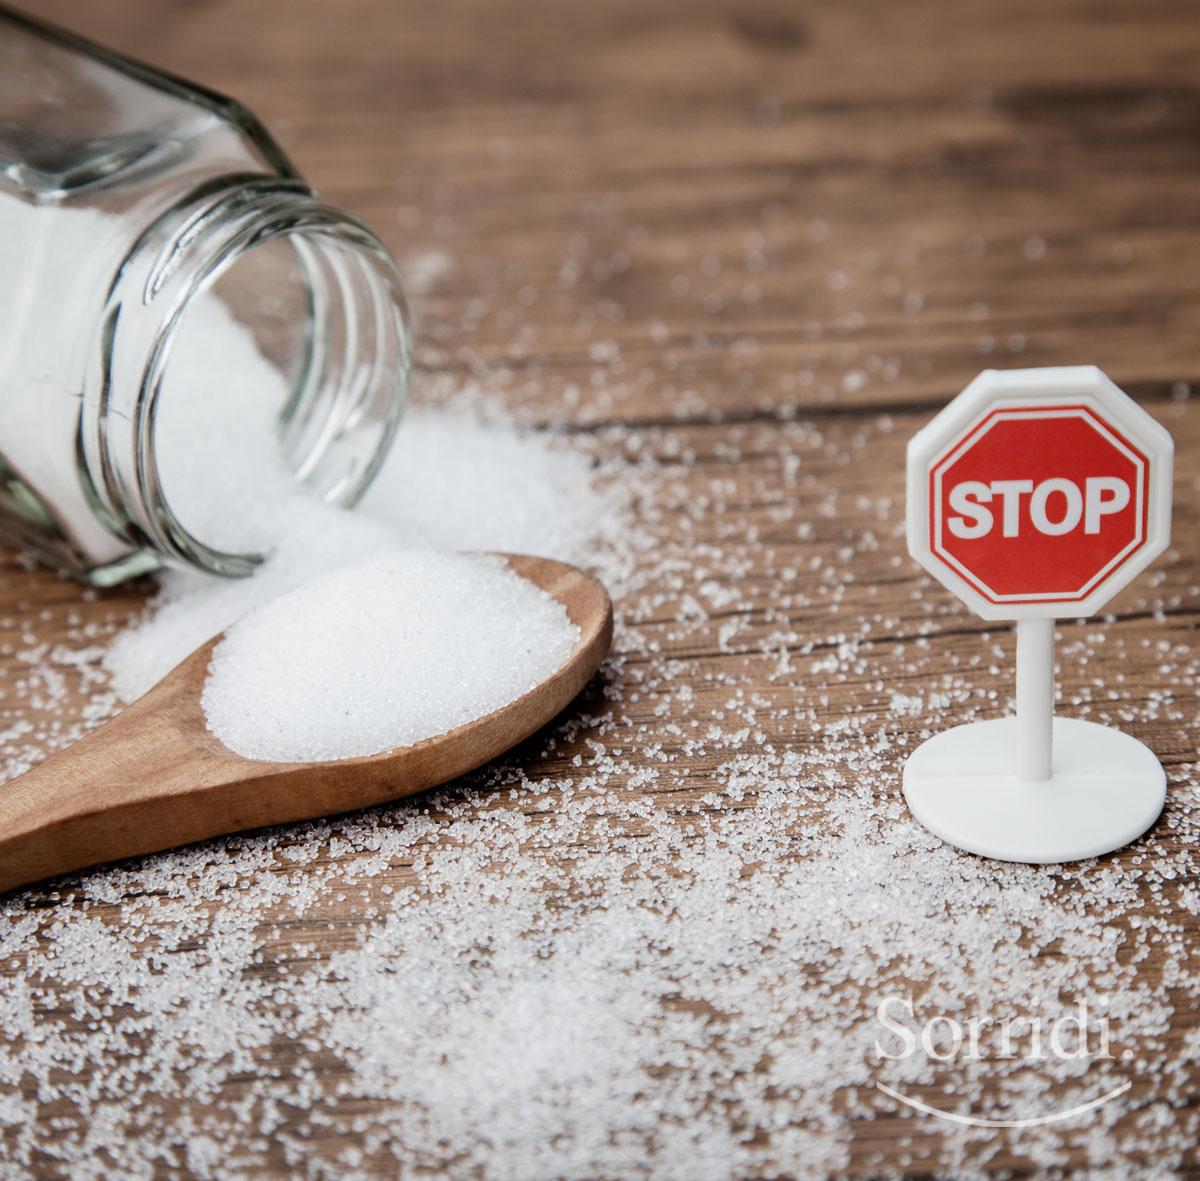 Sorridi-ch-magazine-healthy-tax--tassa-sullo-zucchero